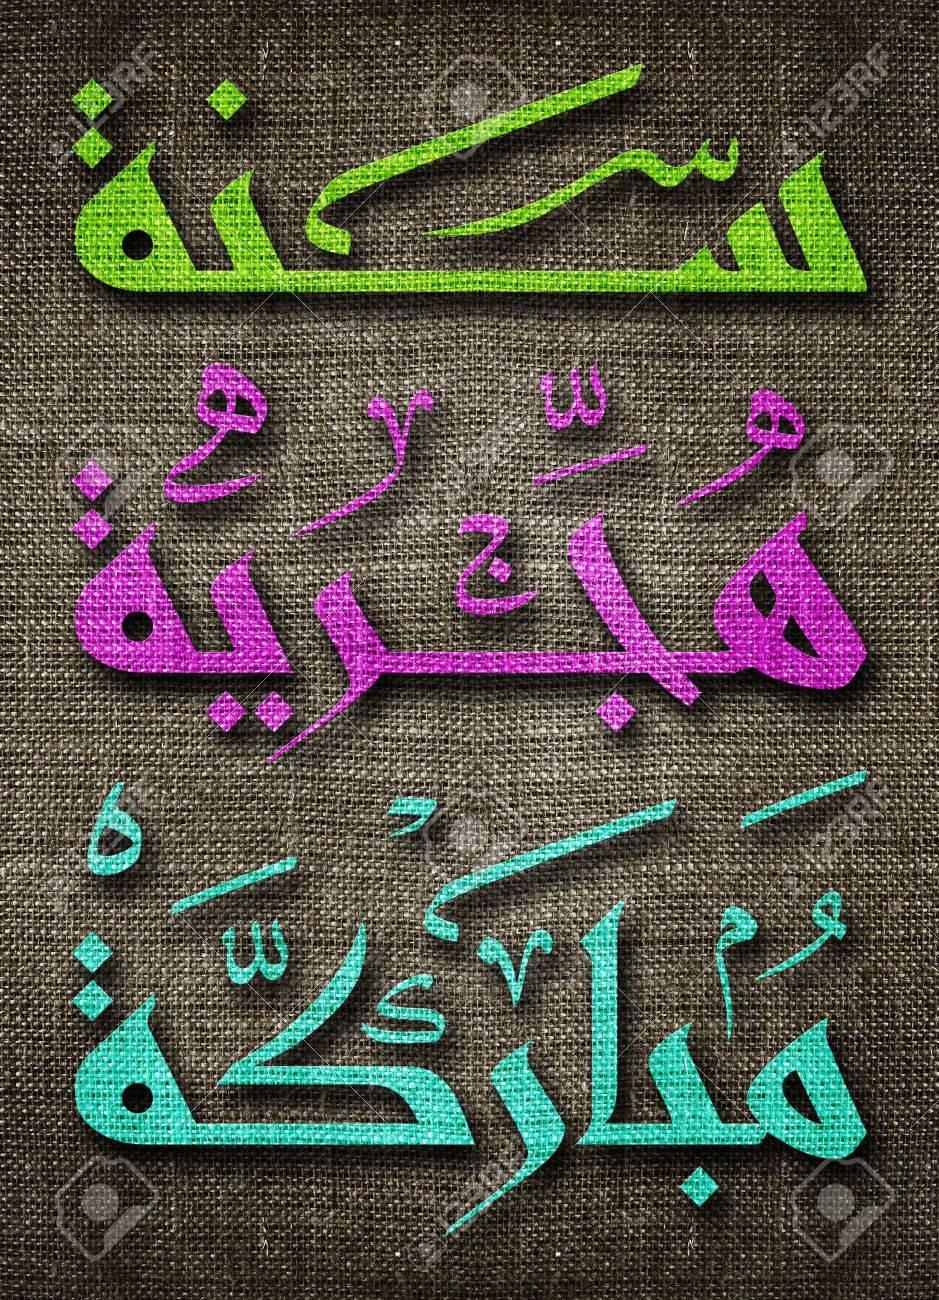 Islamic Hijri New Year Greeting Card With Arabic Calligraphy